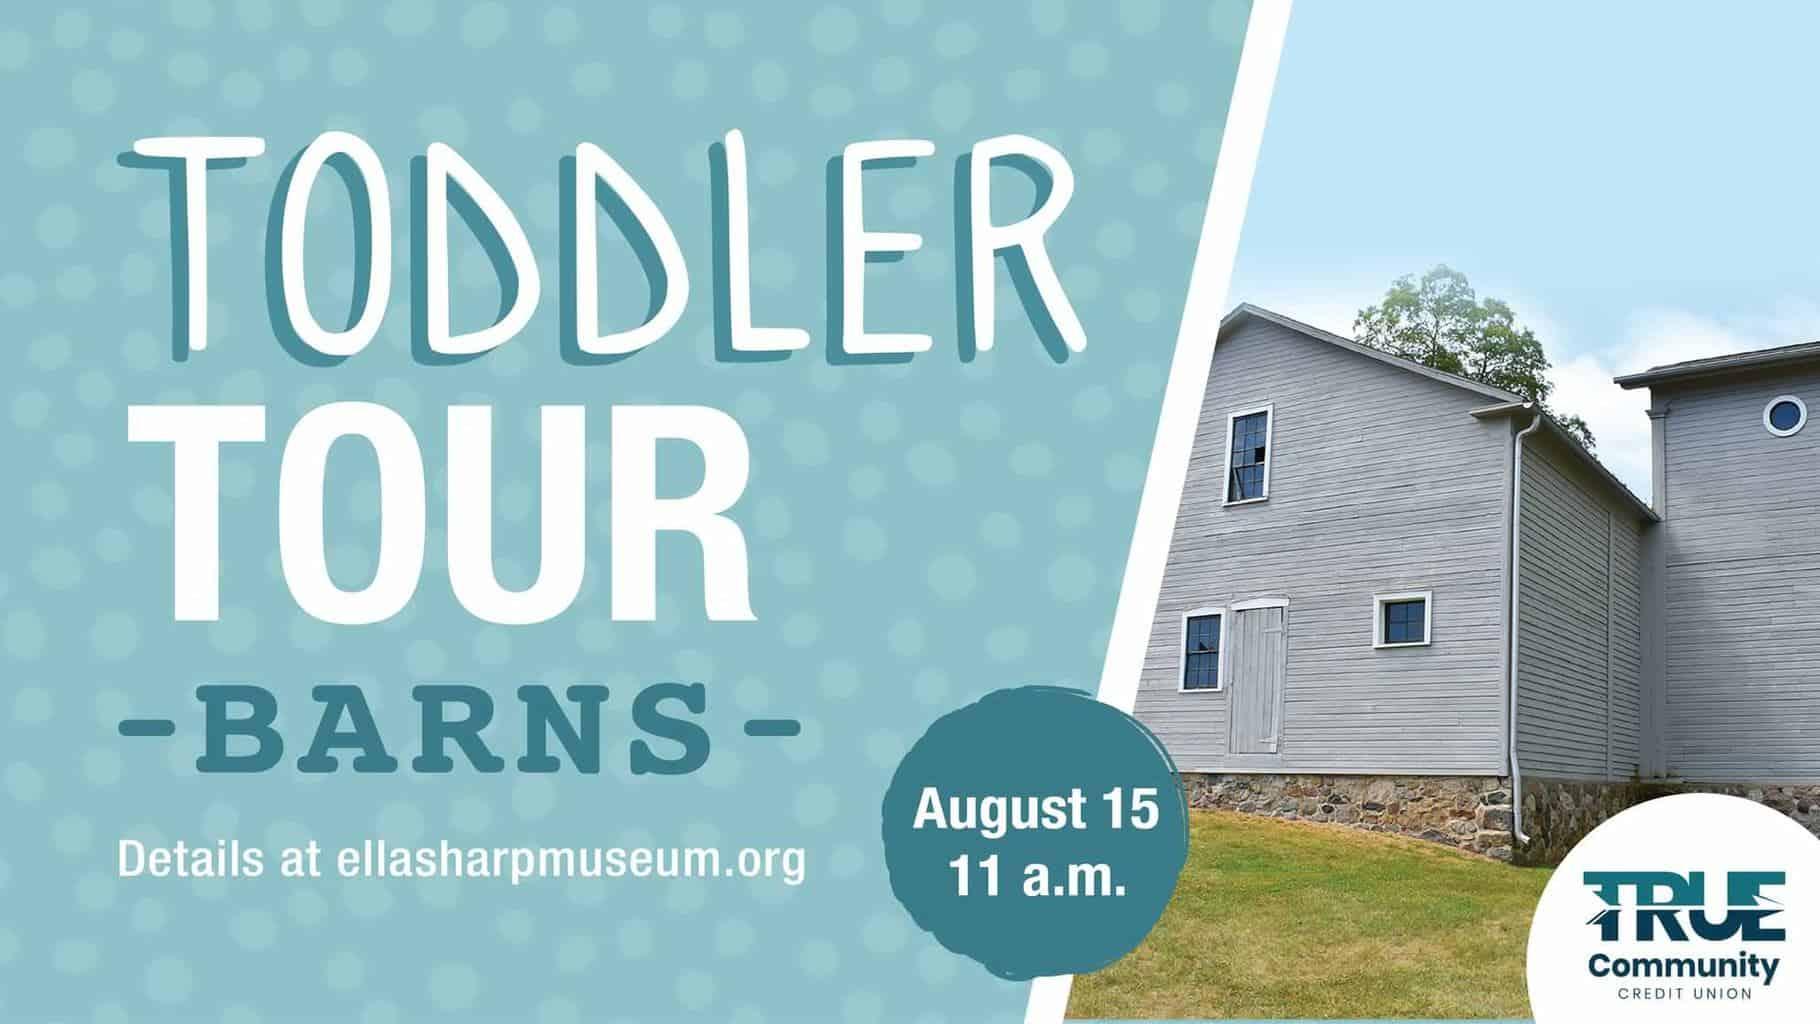 Toddler Tour Barns